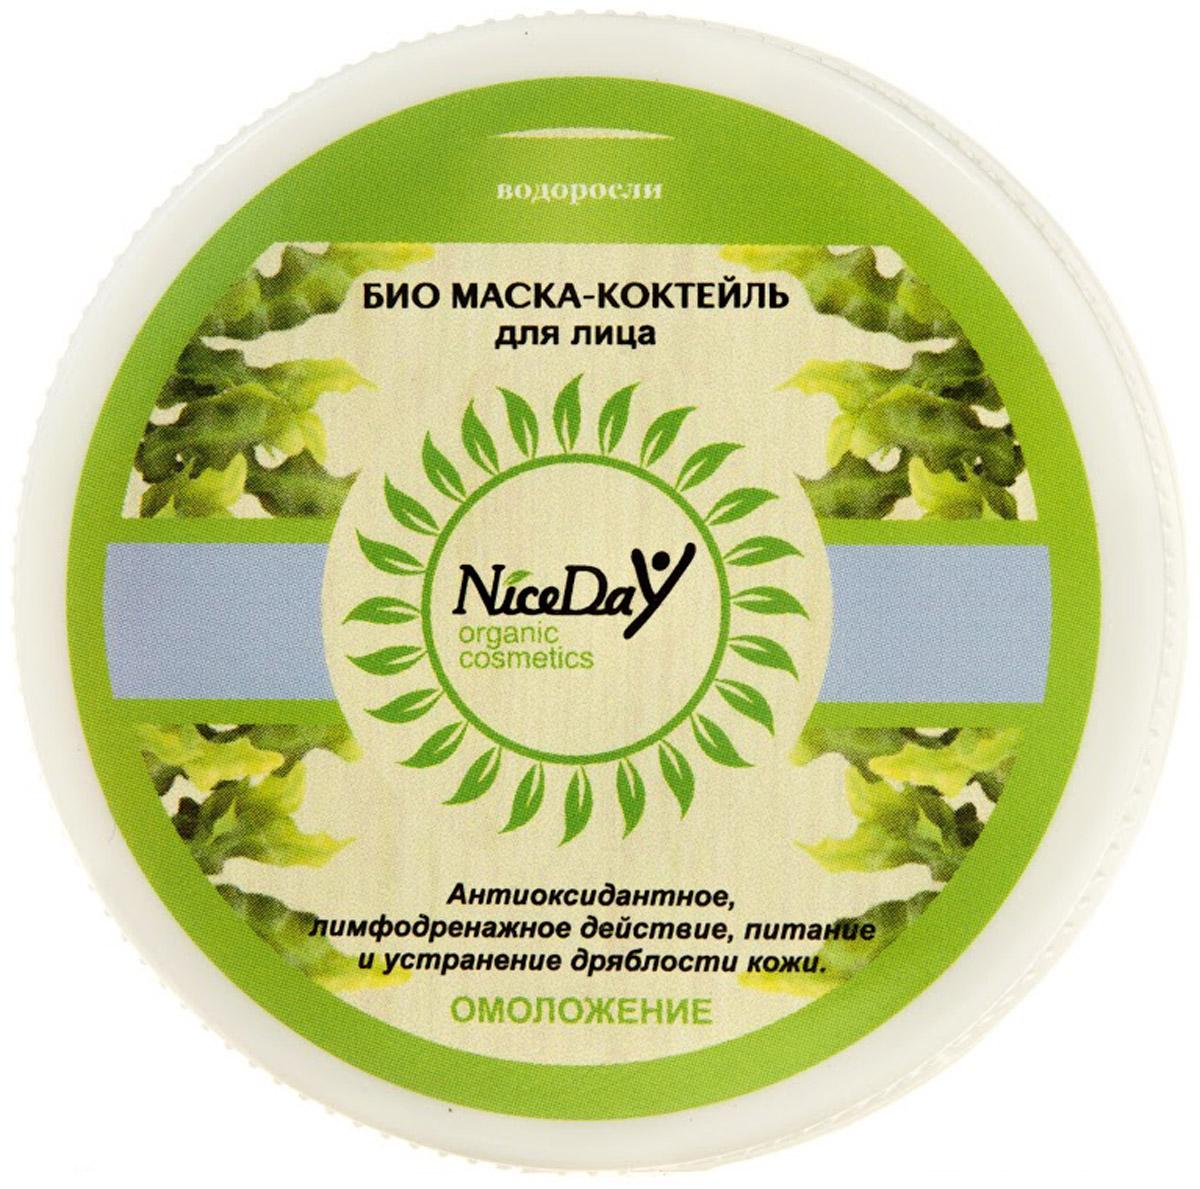 Nice Day Омолаживающая Био маска-коктейль для лица, 80 мл0730870154694Потрясающий коктейль из целебных компонентов для омоложения кожи, устранения дряблости, сухости, шелушения. Придает коже мягкость, эластичность, упругость. Водоросли оказывают антиоксидантное и лимфодренажное действие. Комплекс редких растительных масел направлен на глубокое питание, разглаживание морщин, замедление процесса старения, устранение дряблости кожи. Белая глина снимает воспаление, ускоряет заживление, нормализует работу сальных желез. Воск способствует выводу токсинов, смягчает и улучшает регенерирующие свойства кожи.